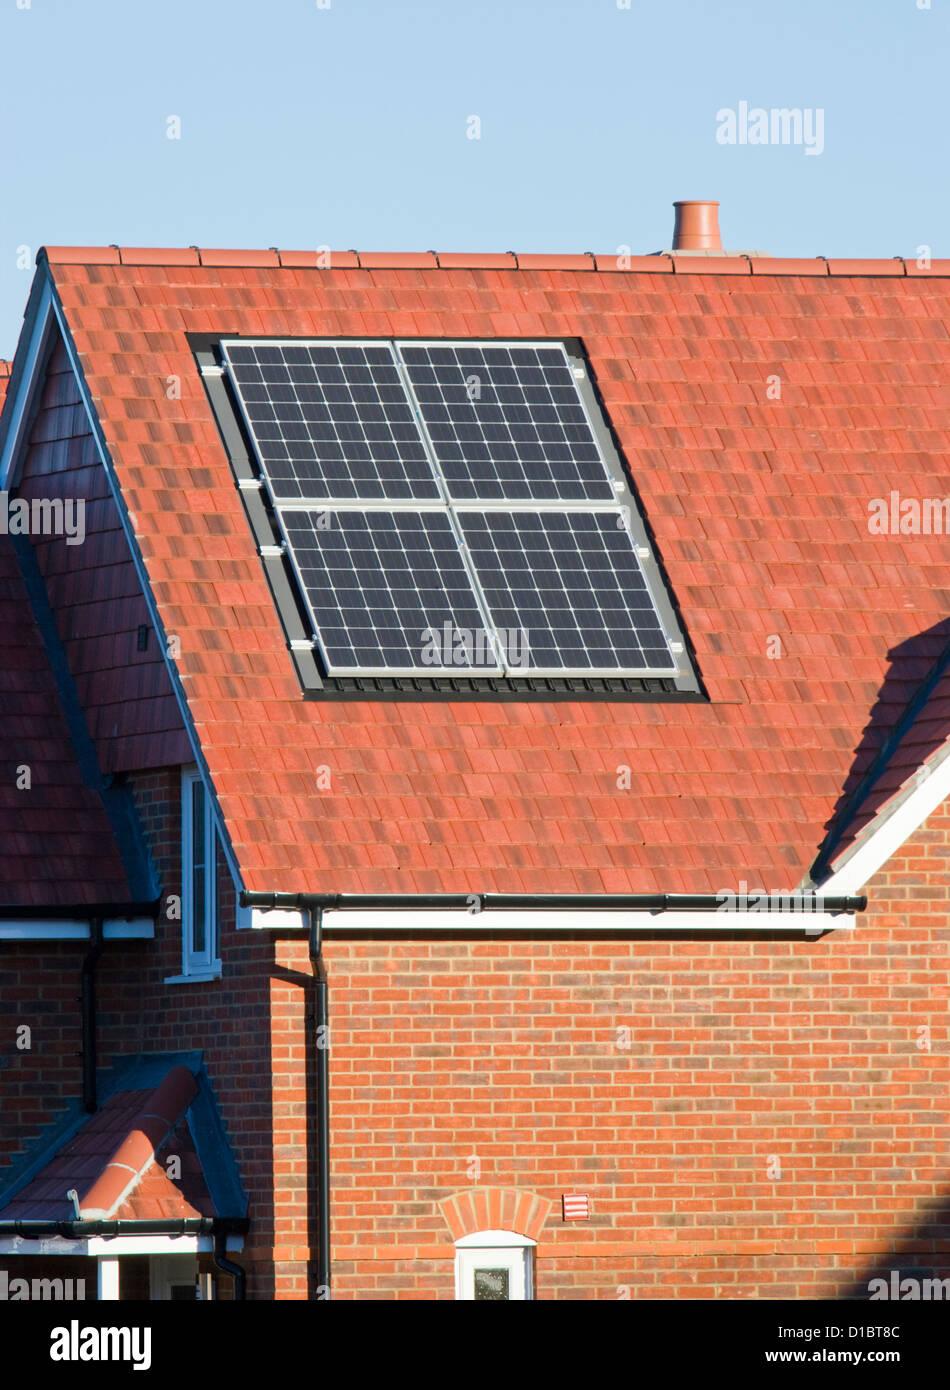 Panel solar en el techo de la casa. Imagen De Stock